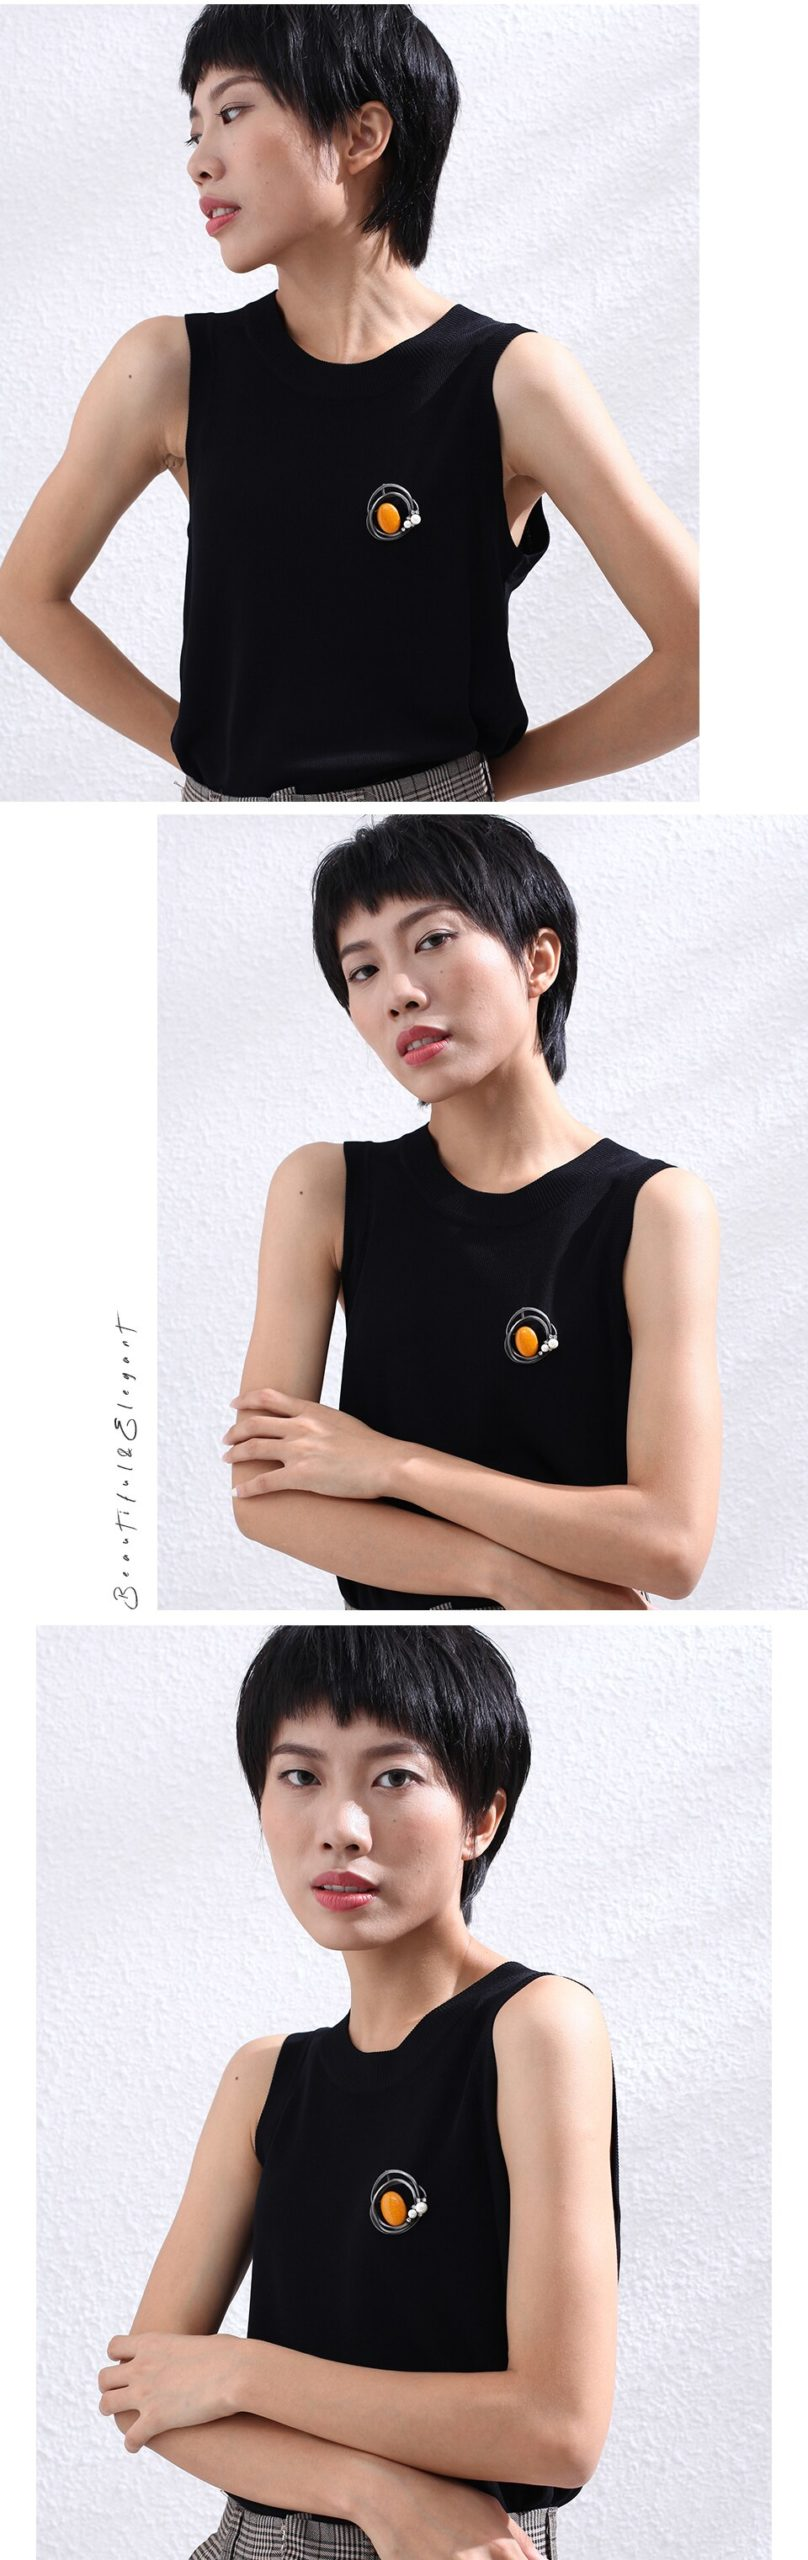 Vintage Sieraden Lange Ketting Voor Vrouwen Oranje Kleur Kralen Schorsing Hangers Touw Kettingen Choker Sieraden 2020 Hotsale